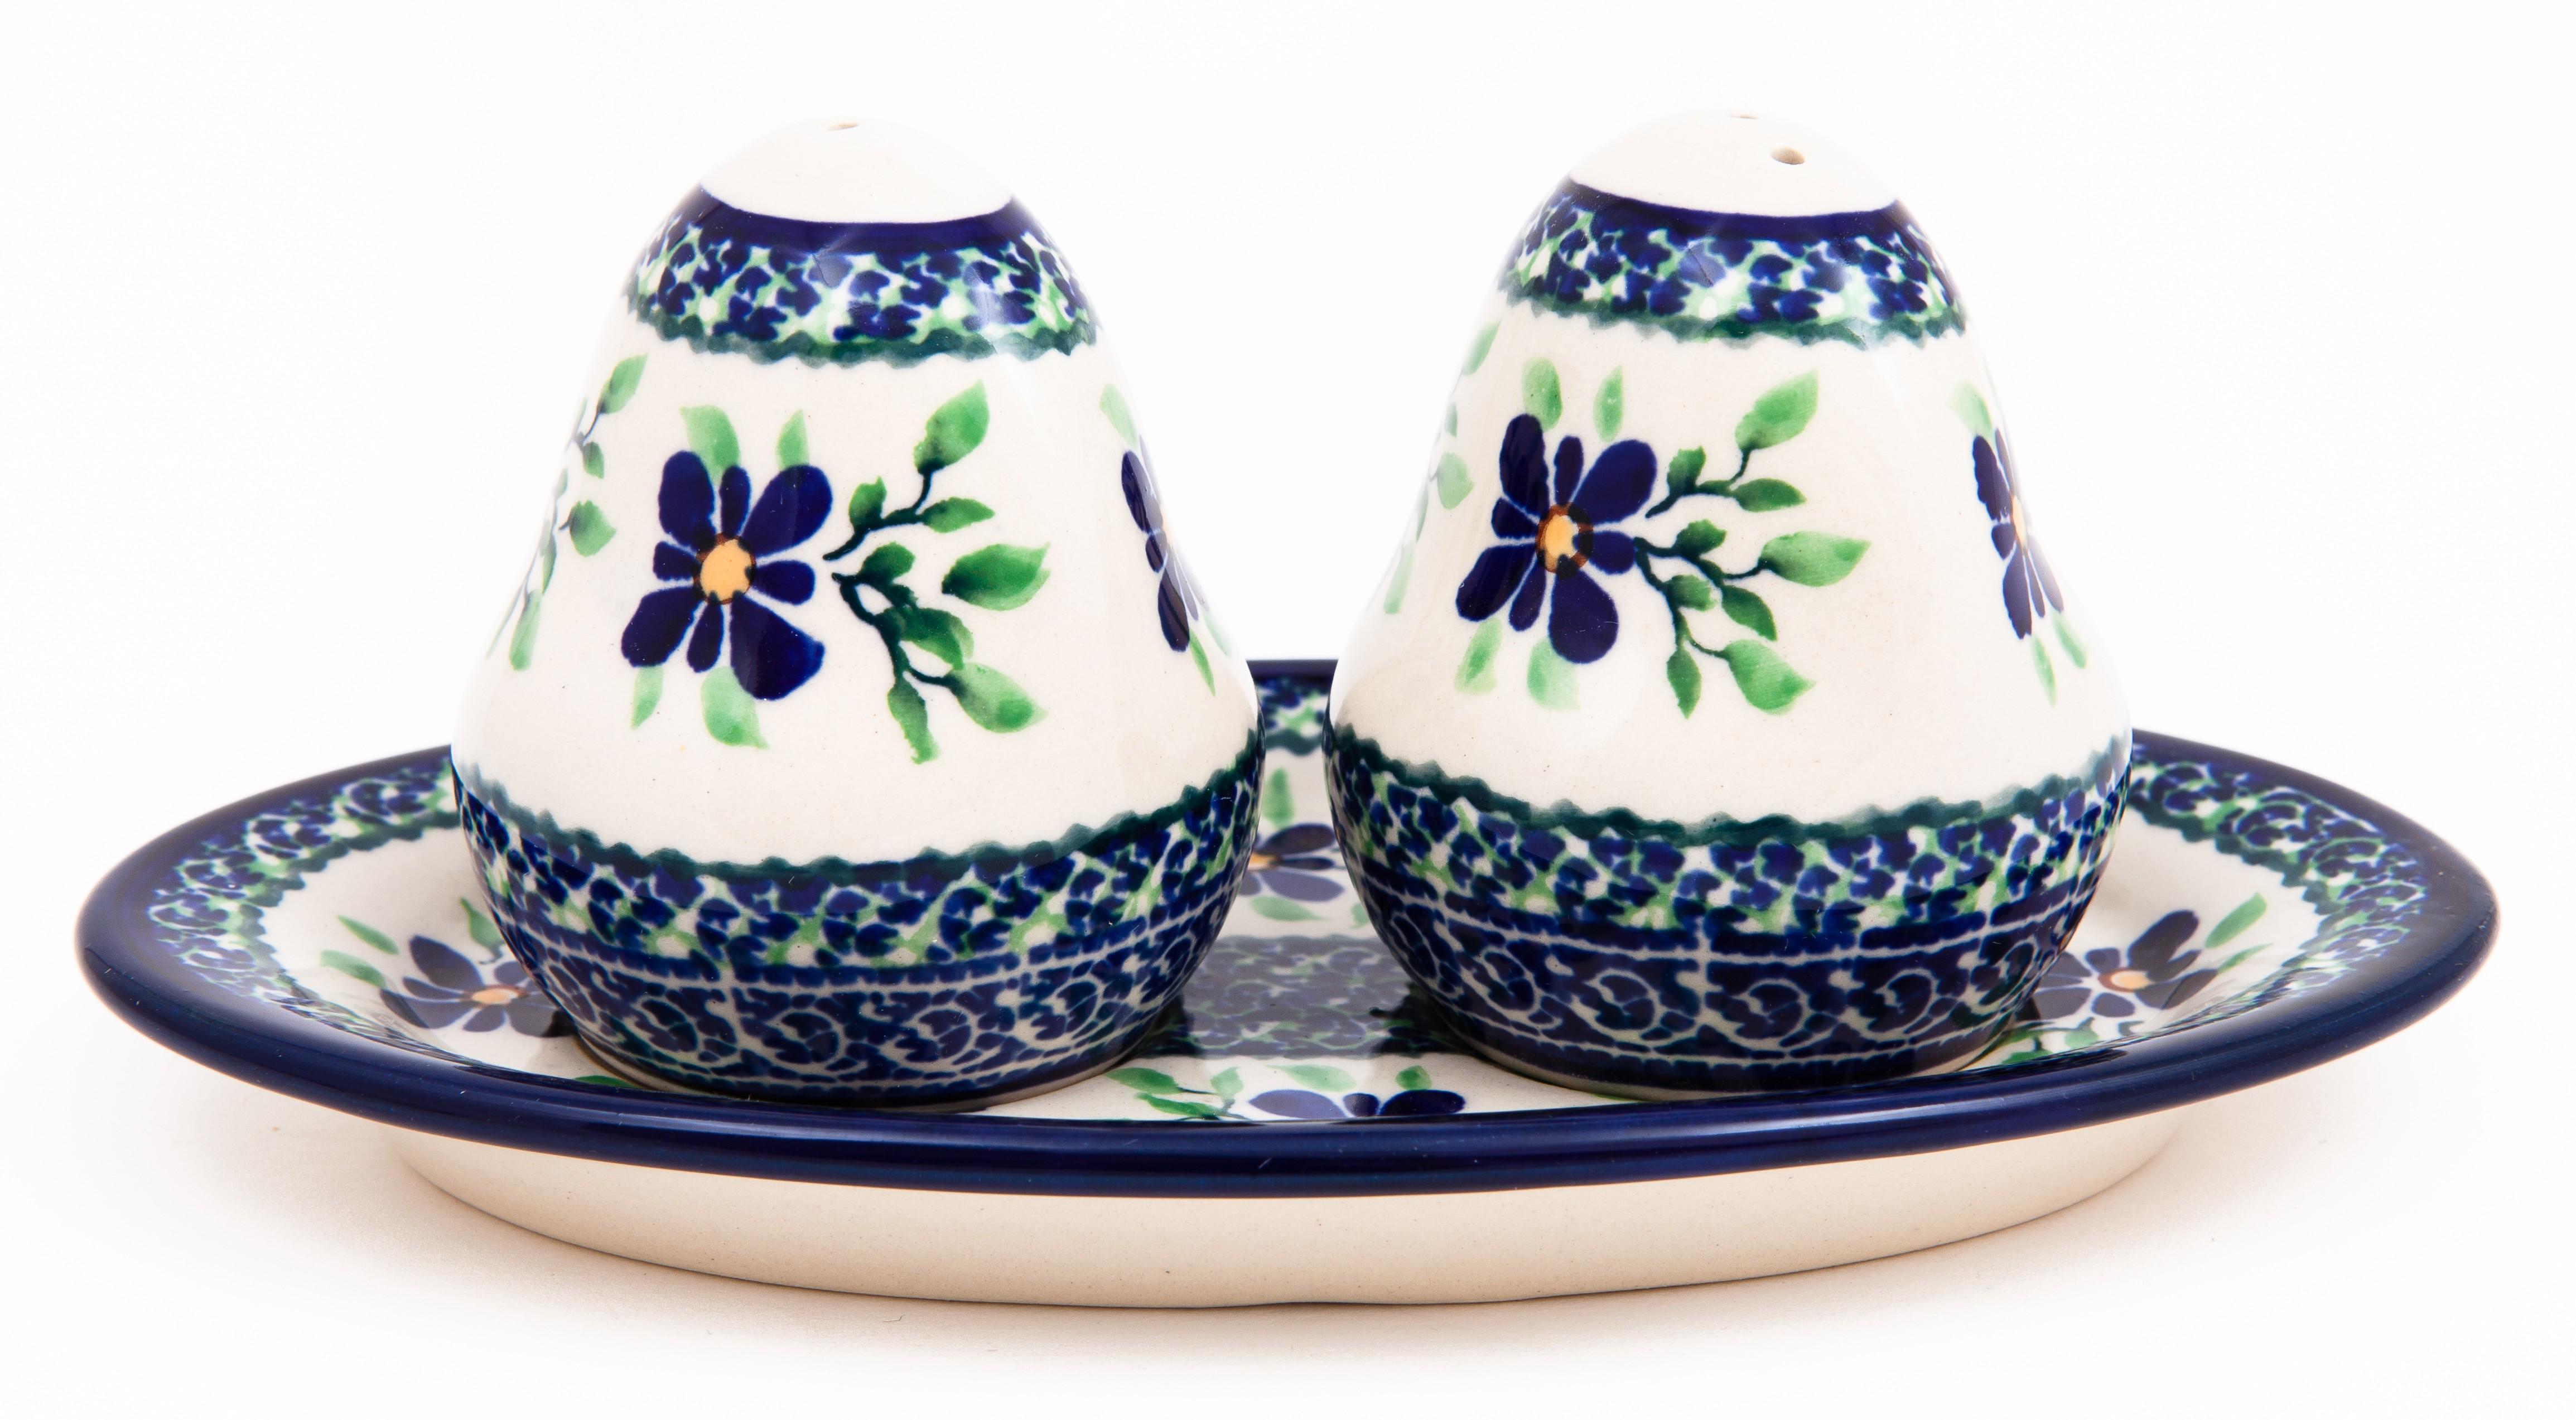 Pottery Avenue DEAREST FRIEND Salt And Pepper Plate Set | ARTISAN